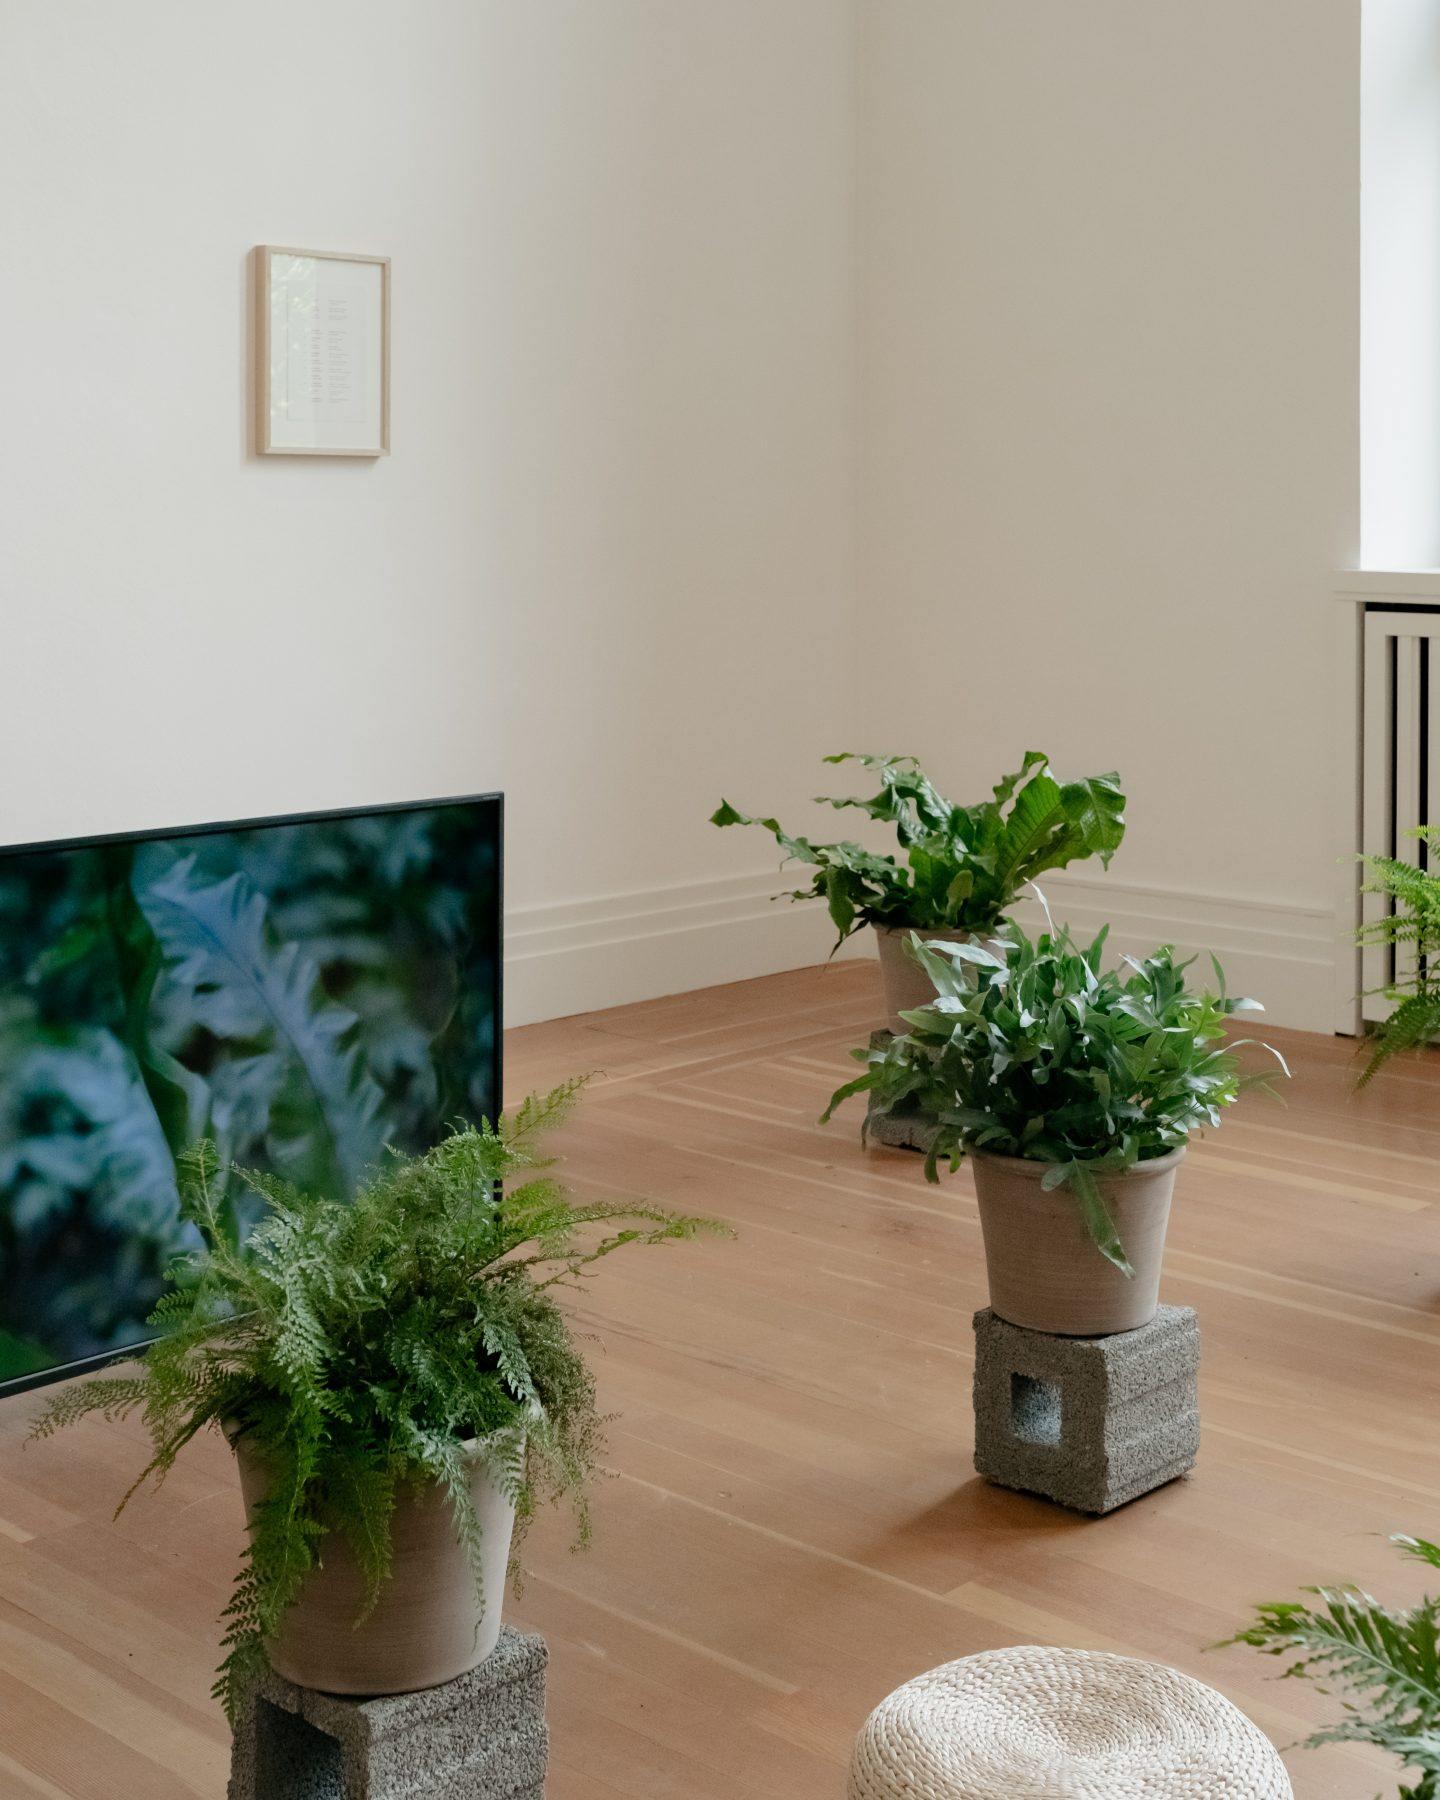 Ignant-Berlin-Garden-of-Earthly-Delights-13